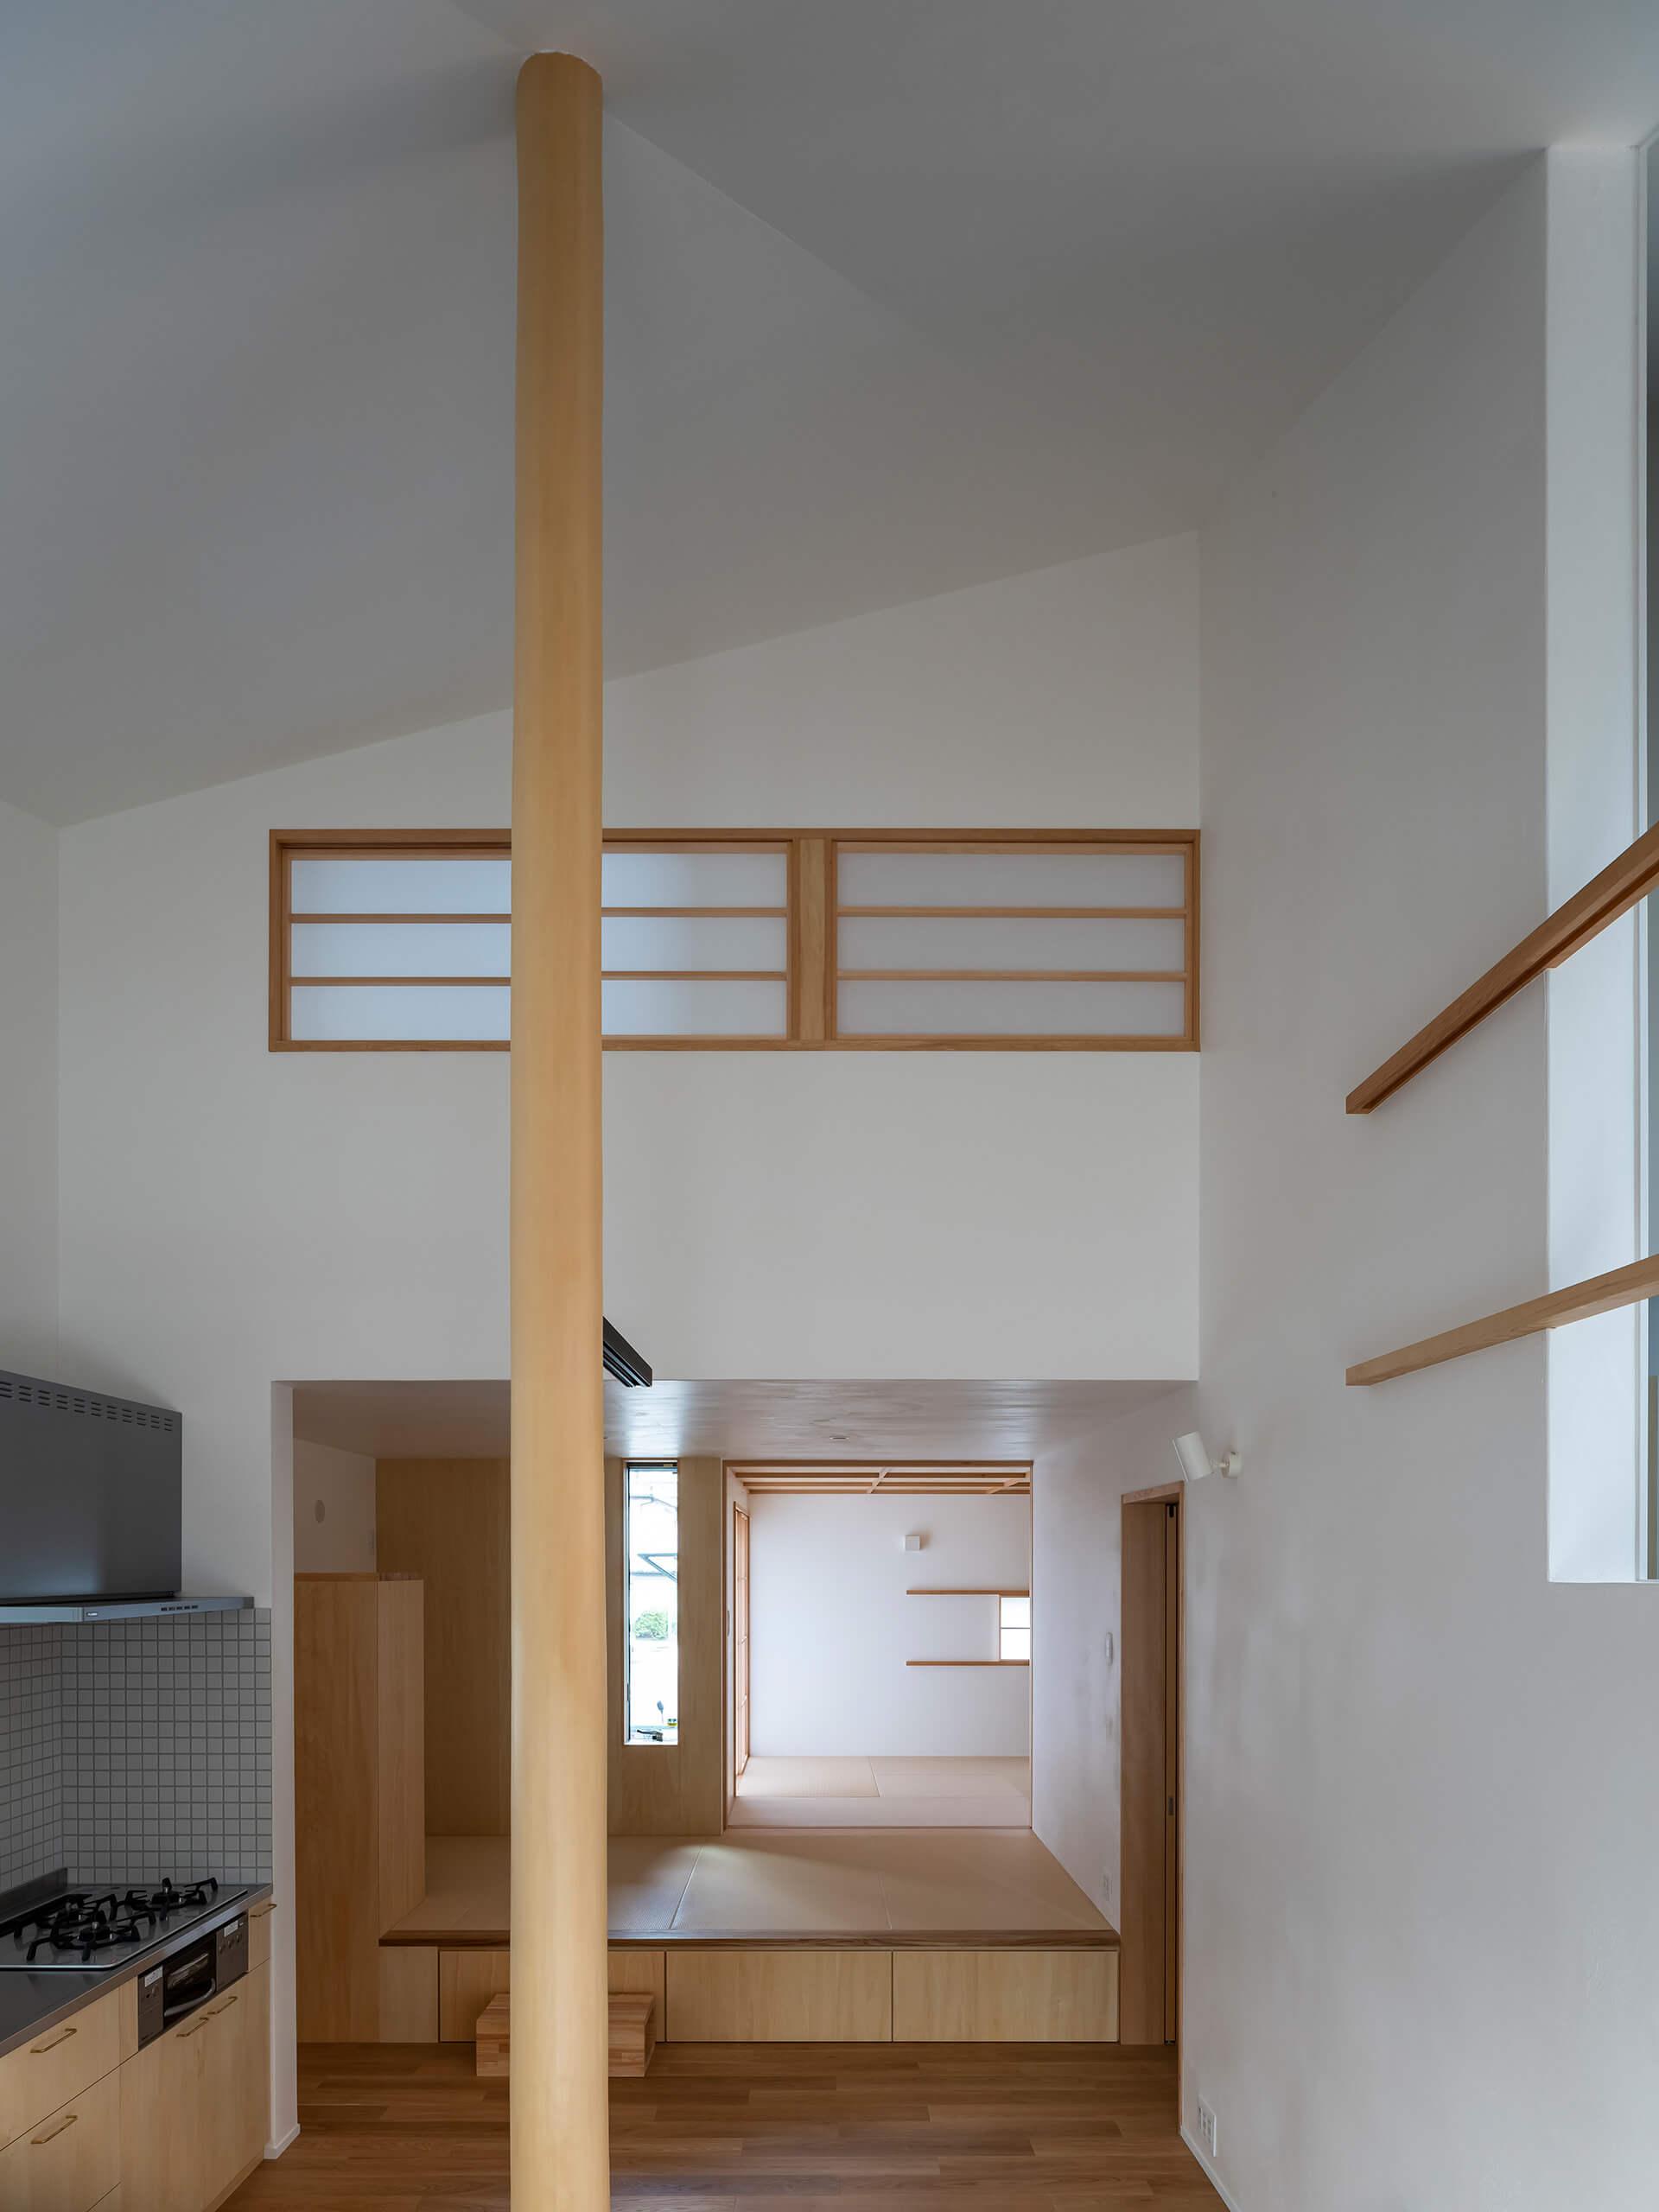 浦和S邸 折れ天井と障子